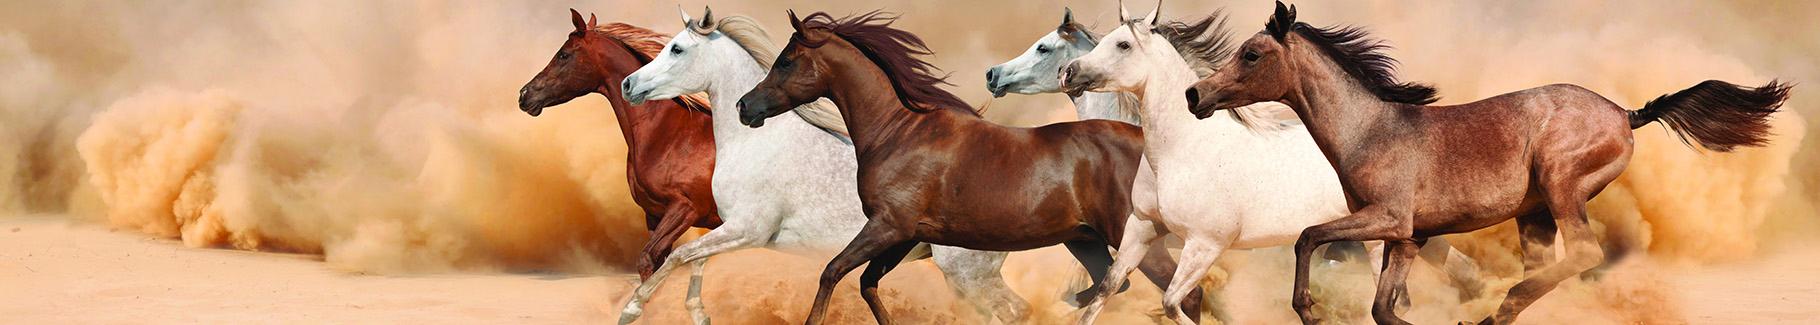 Fototapeta konie w burzy piaskowej